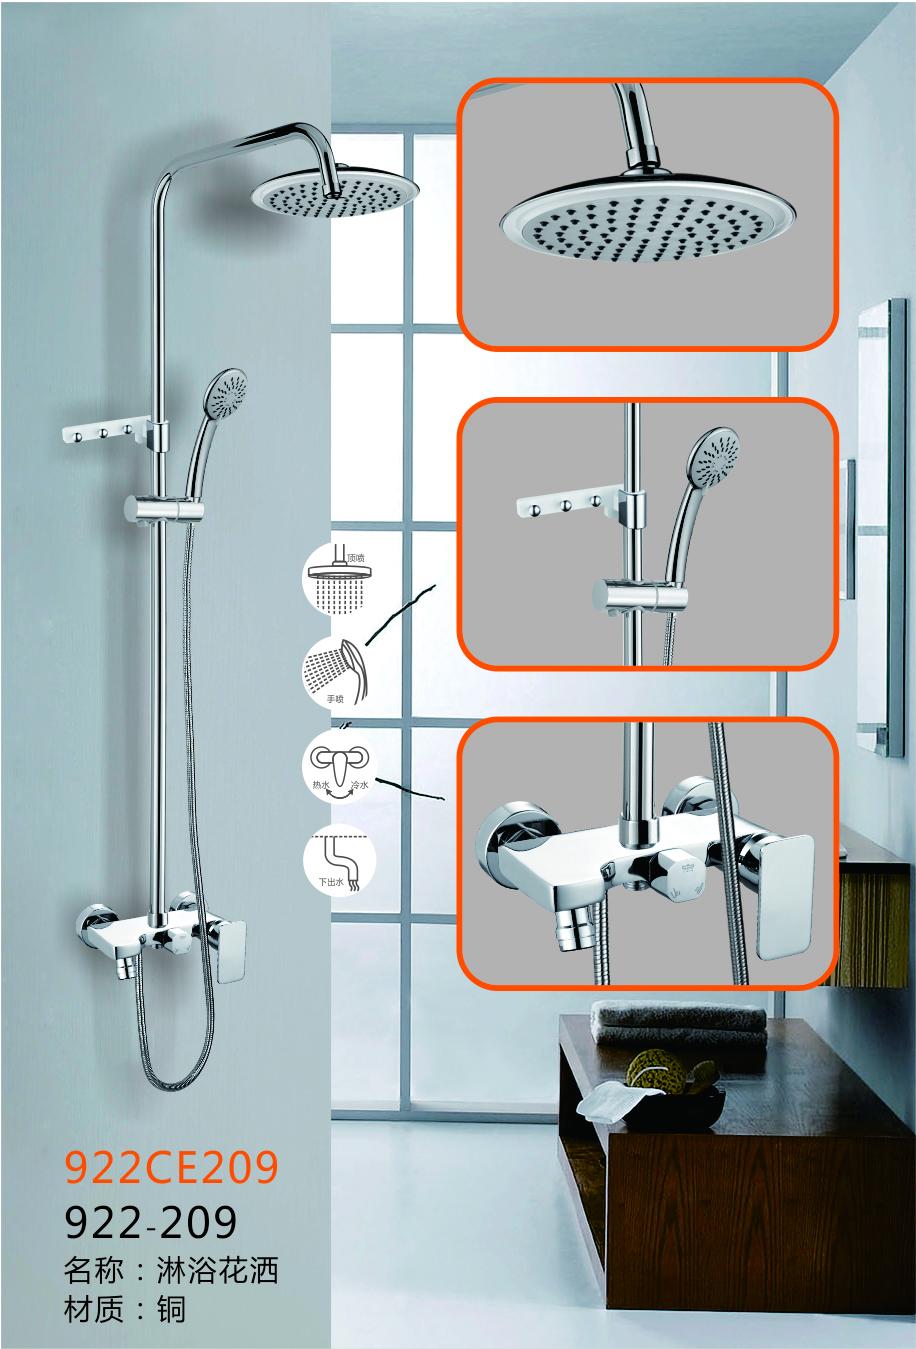 922-209淋浴花洒套装